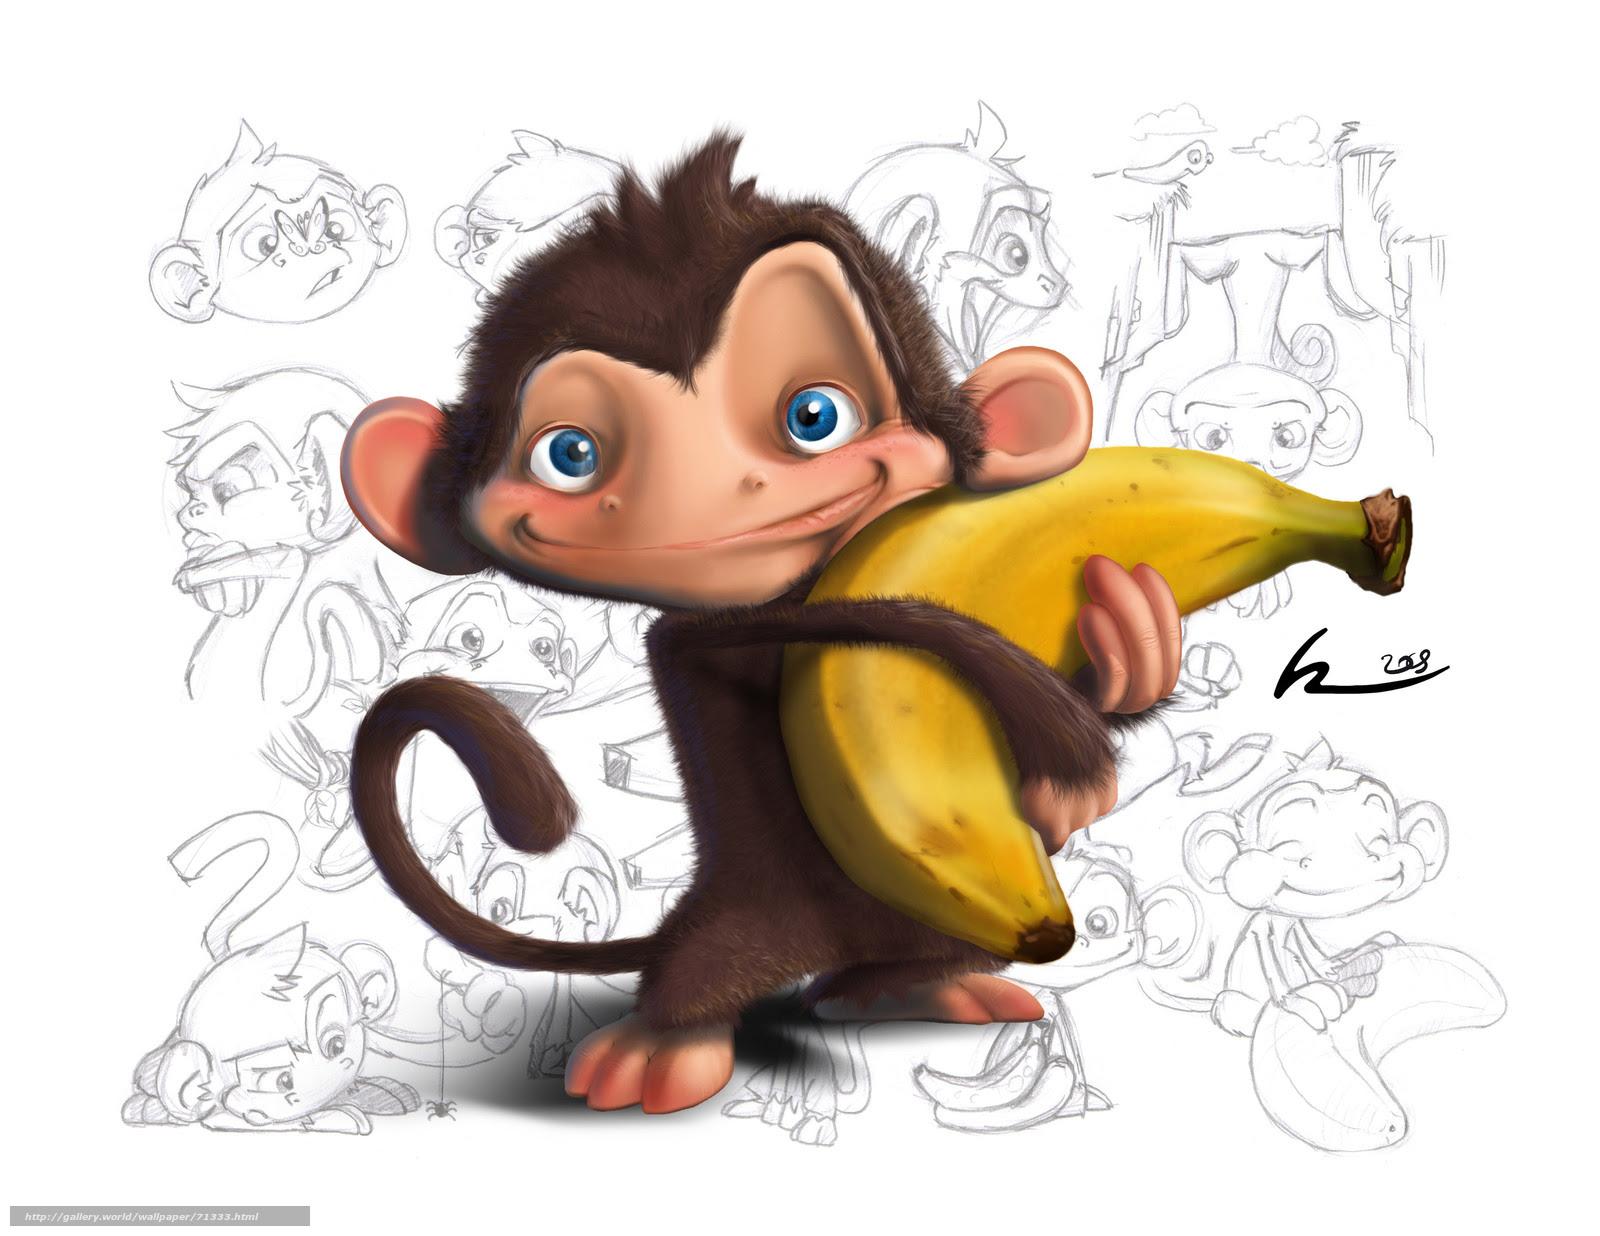 Scaricare Gli Sfondi Carta Da Parati Per Bambini Scimmia Banana